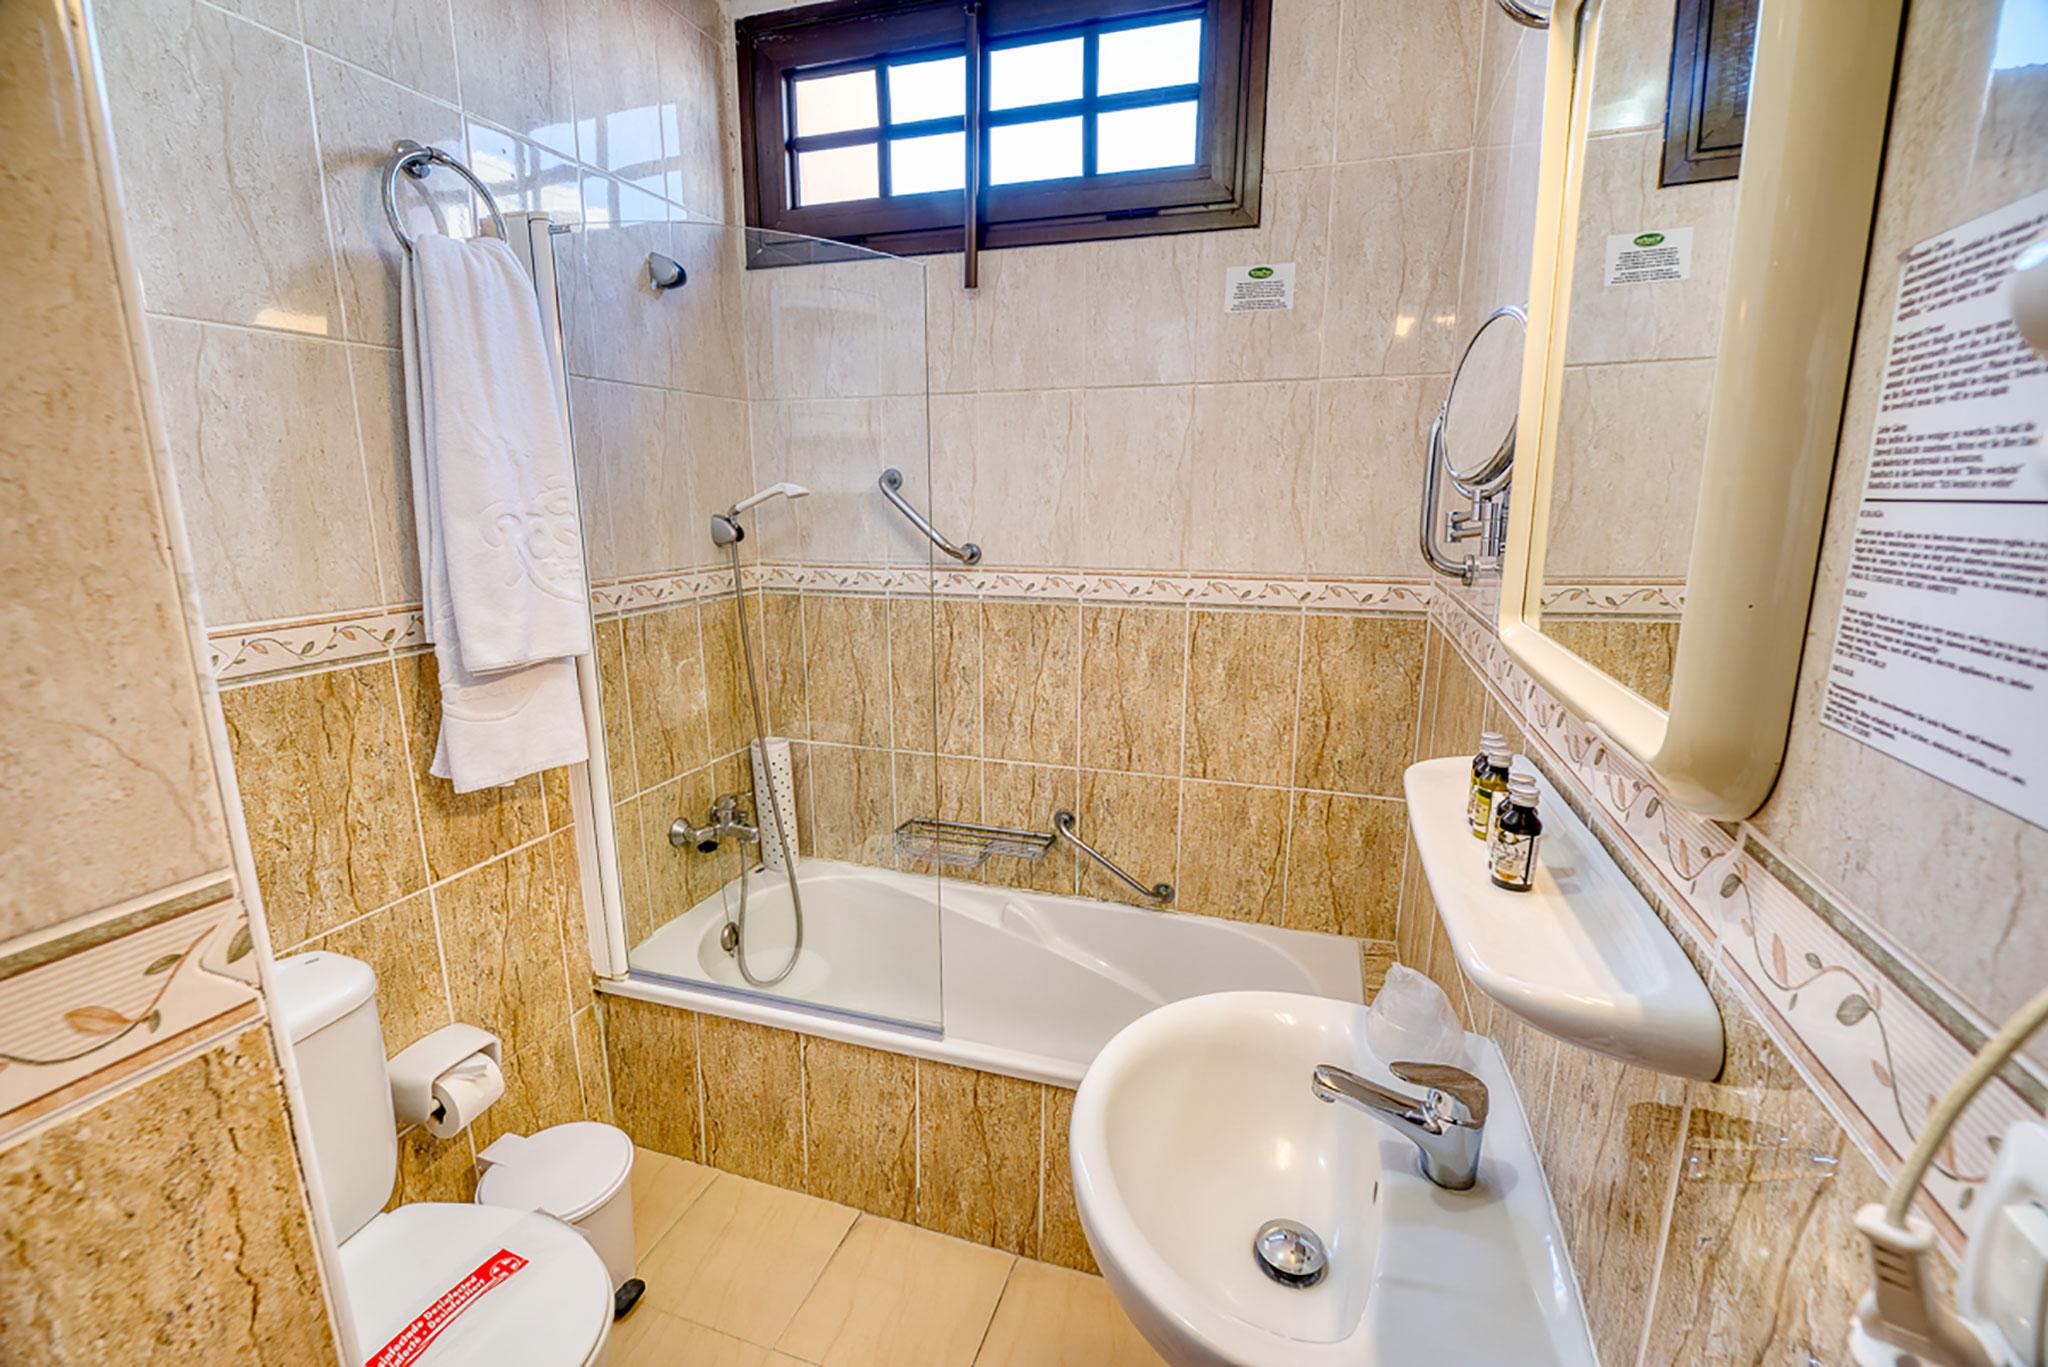 Hotel Rosas Bathroom